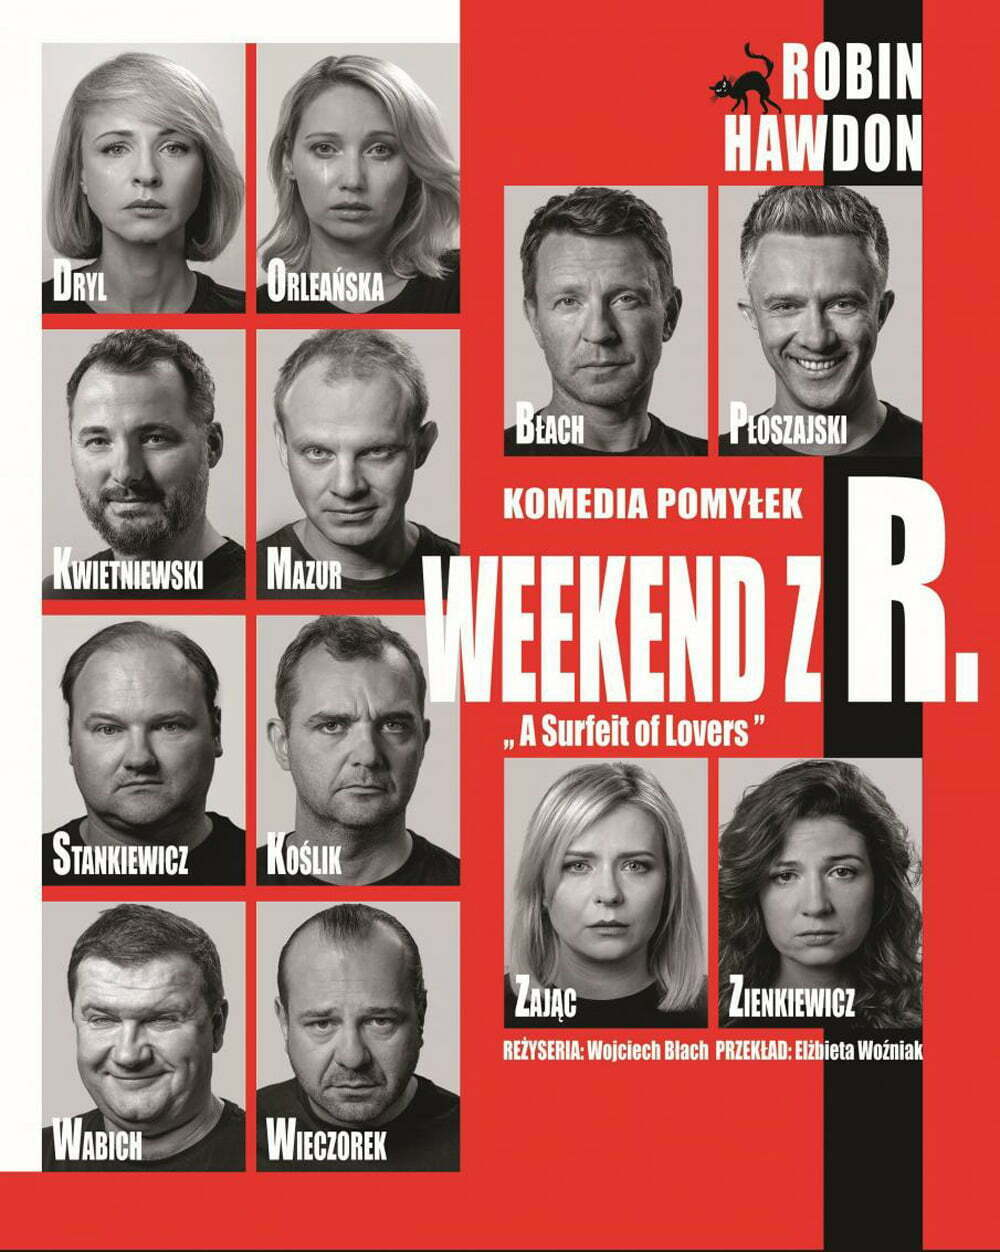 weekend_zR